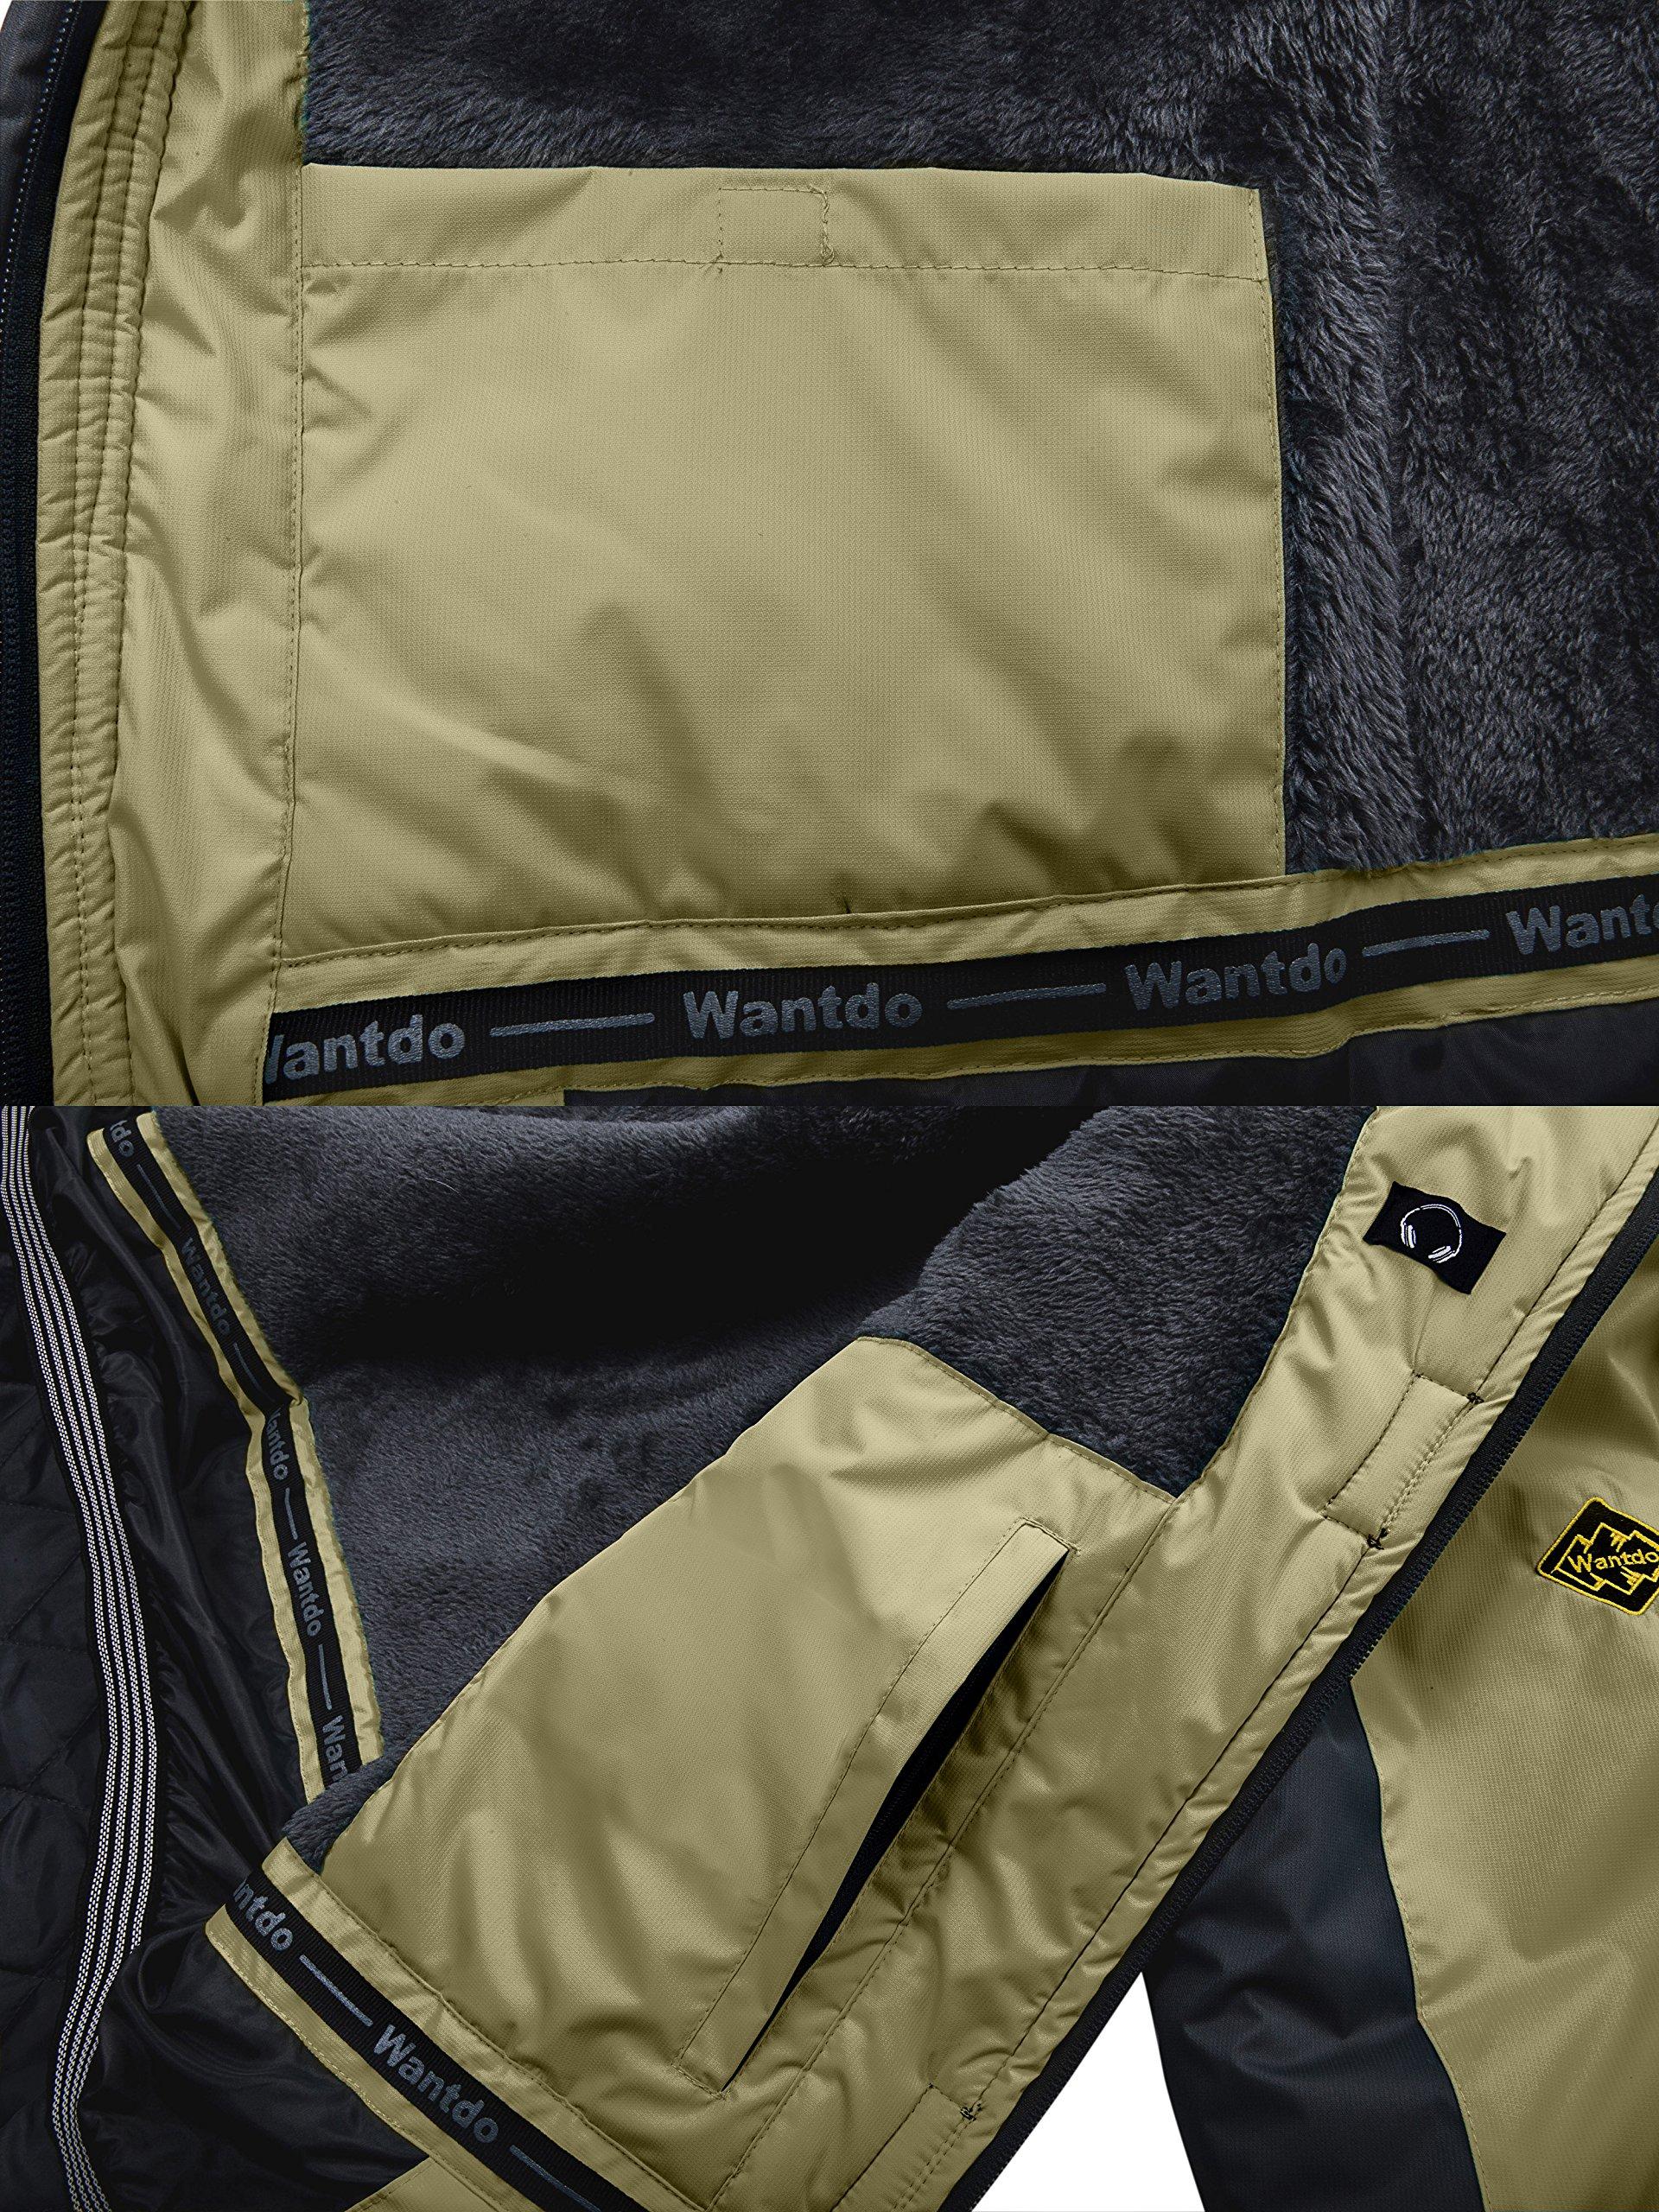 Wantdo Mens Waterproof Mountain Jacket Fleece Windproof Ski Jaket Silver Misty Jacketus S Wt0486 Jackets Sports Outdoors Tibs